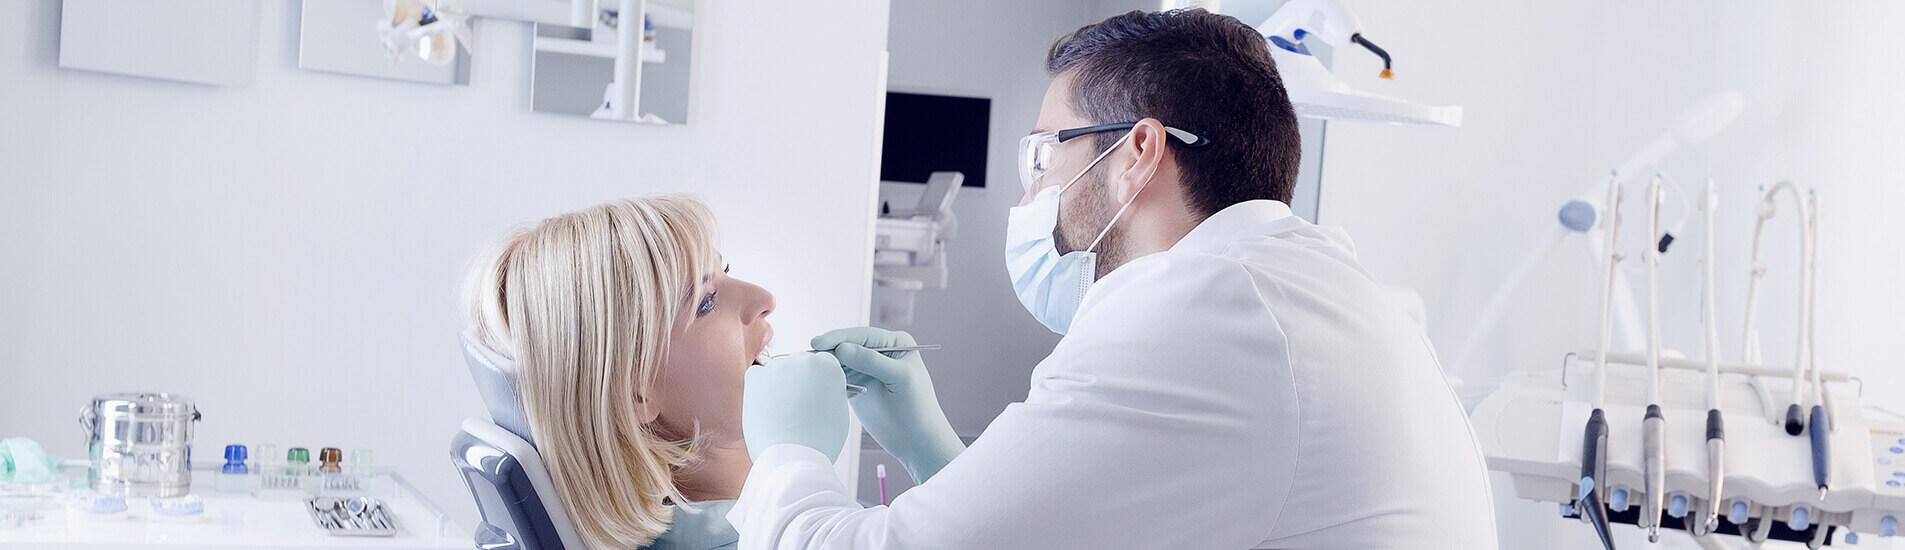 Dentiste 93